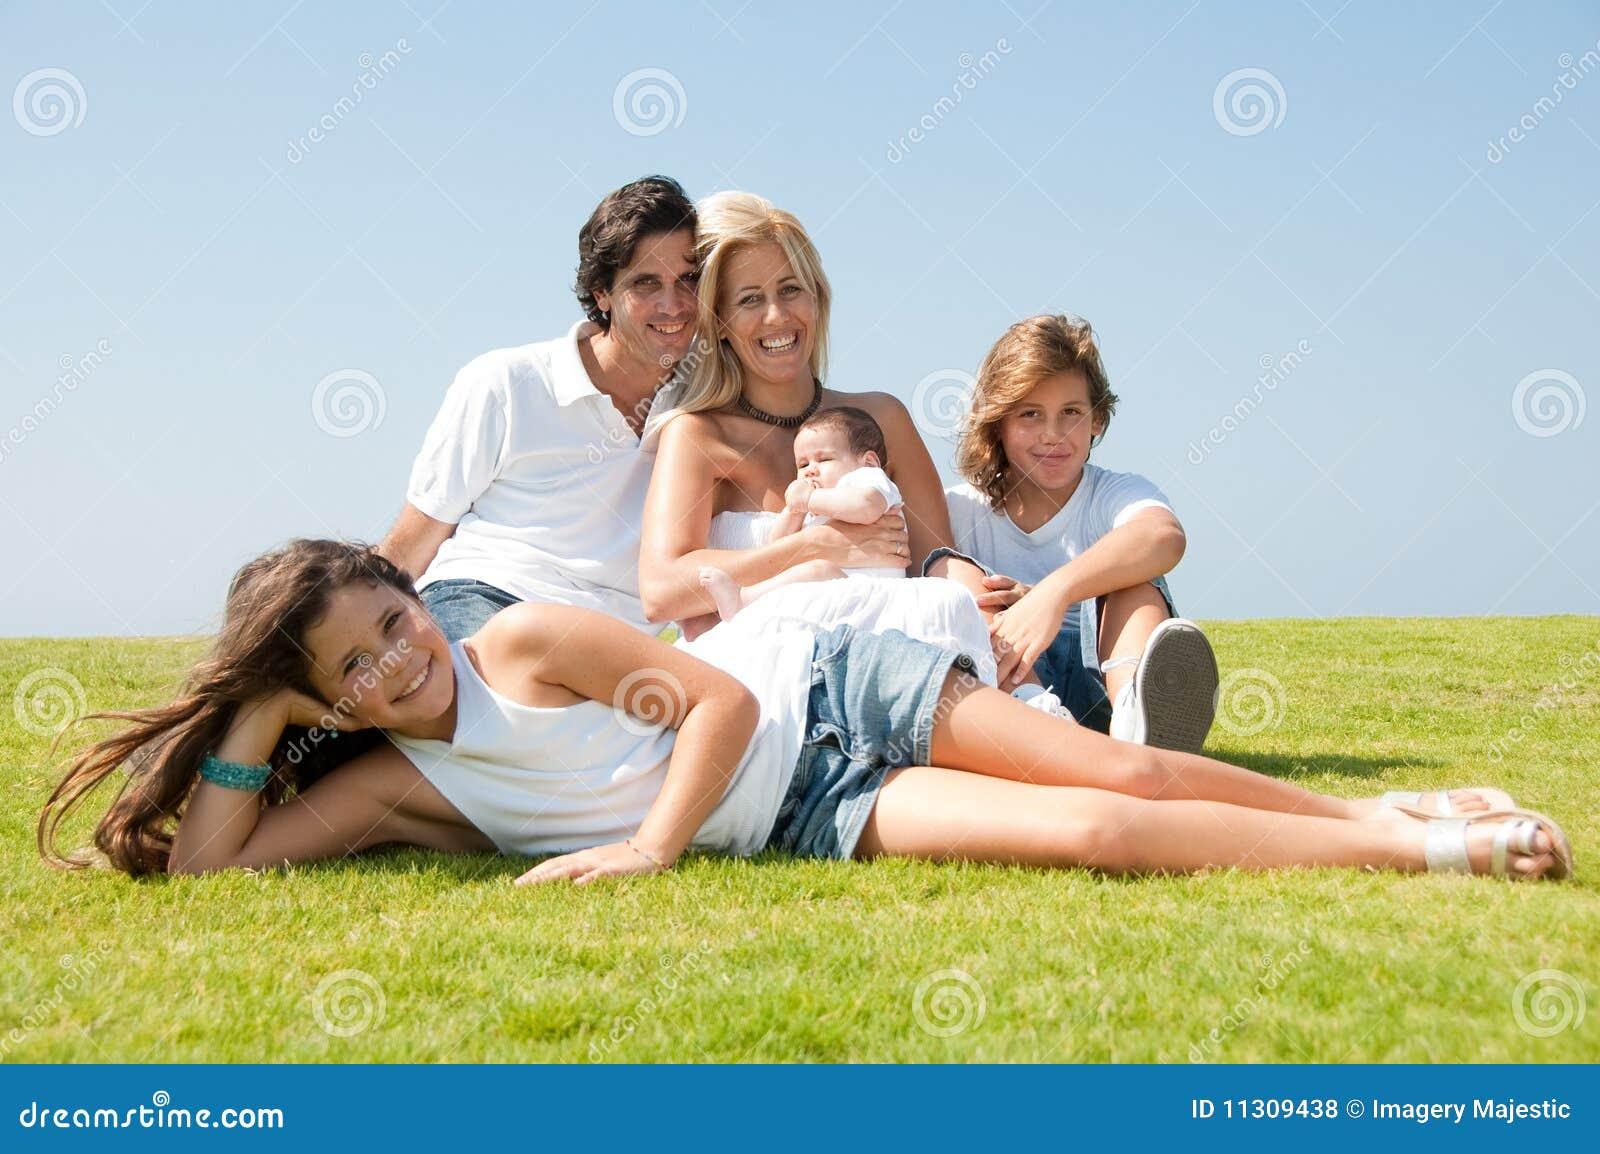 Glückliche Familie auf Gras